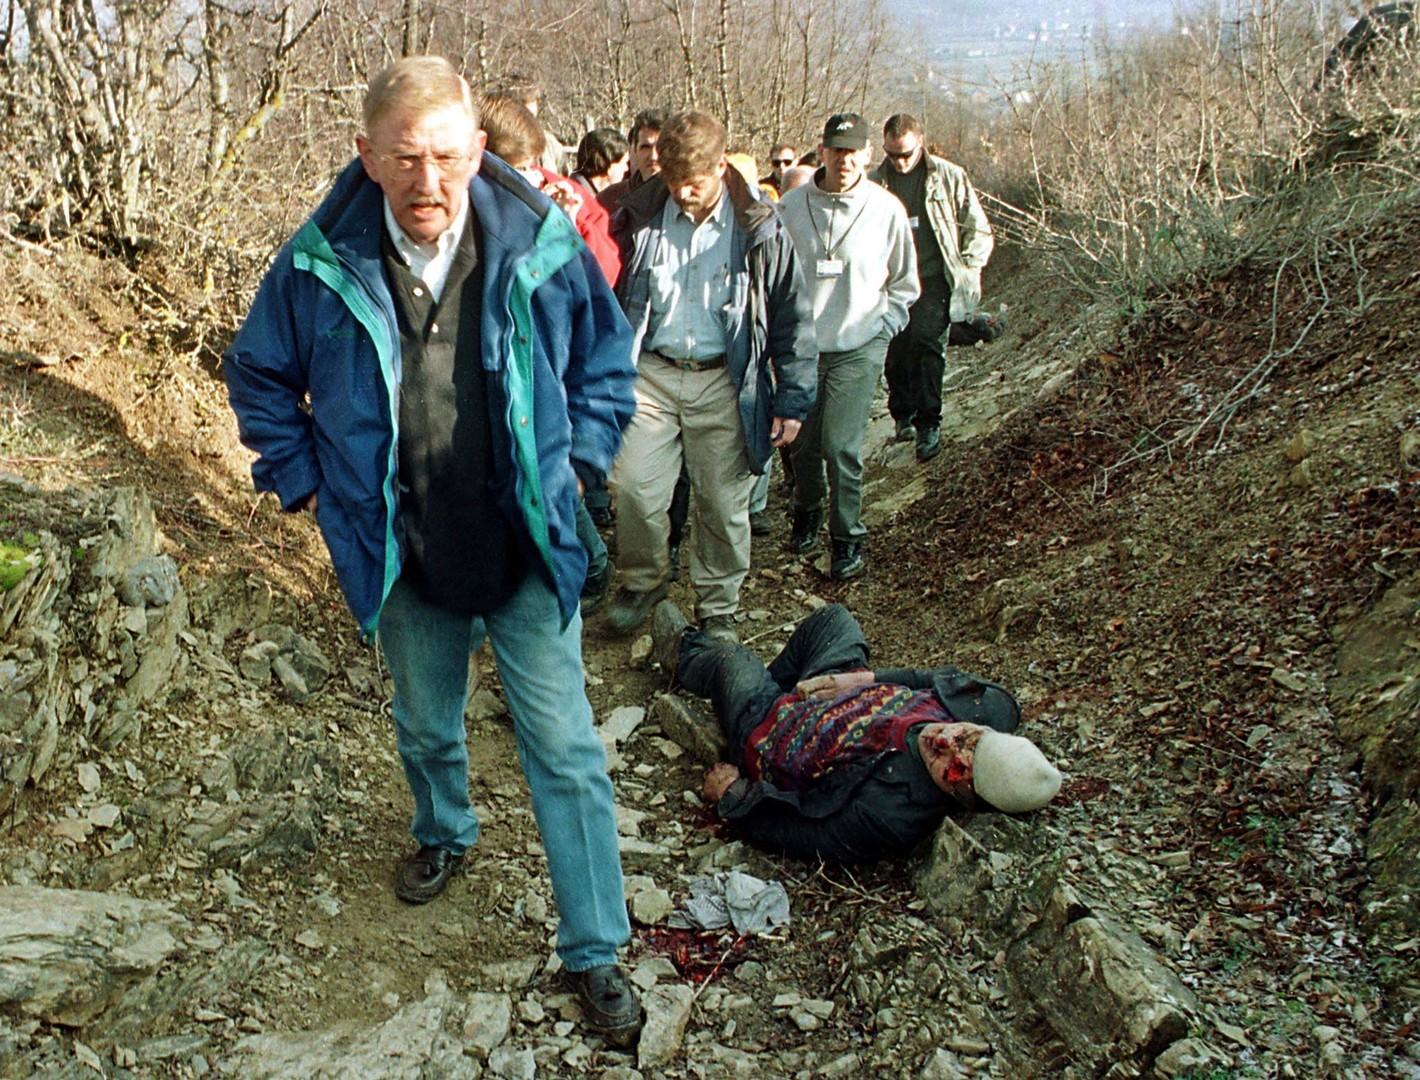 """20 Jahre seit NATO-Angriff auf Jugoslawien: Das """"Račak-Massaker"""" - Teil des NATO-Drehbuchs"""